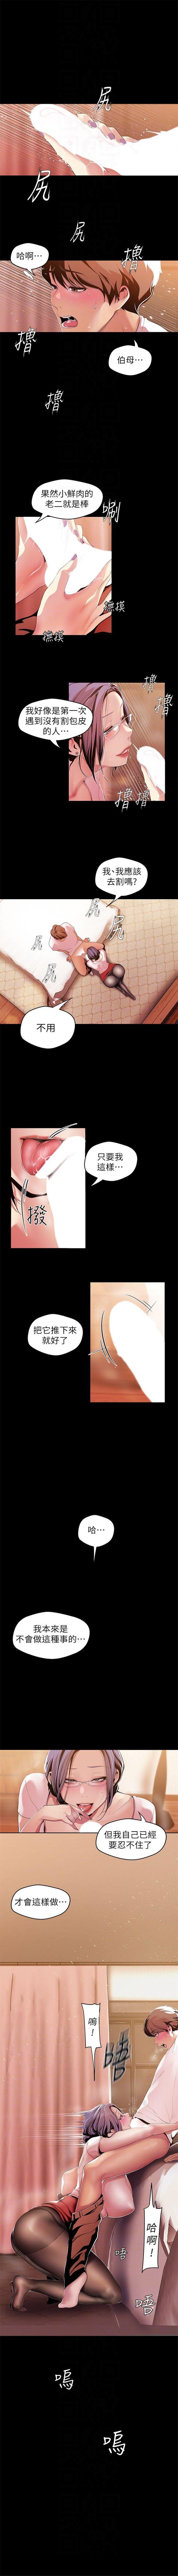 美麗新世界 1-85 官方中文(連載中) 357